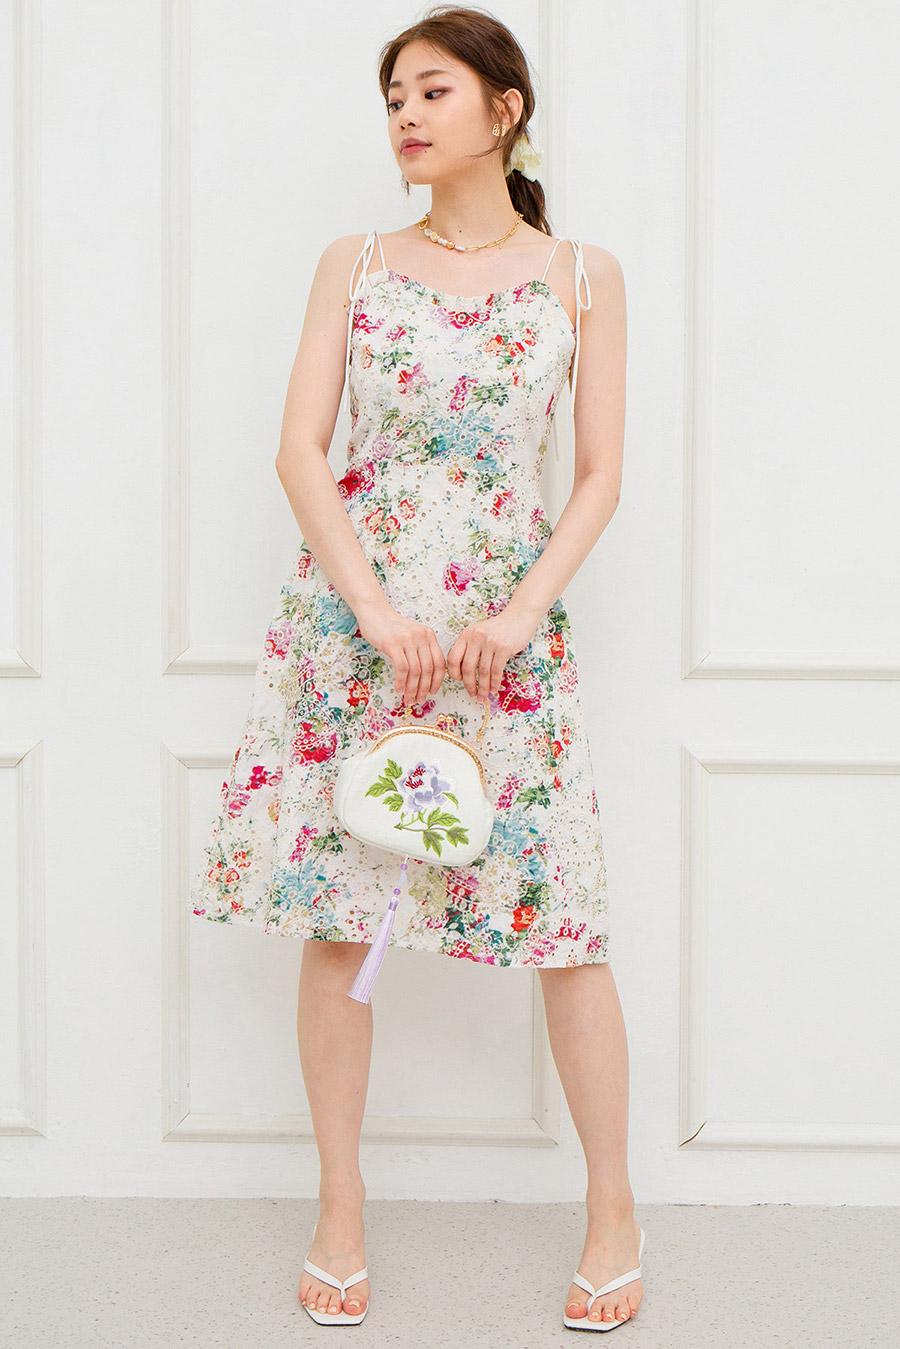 PERIN DRESS - IVORY FLEUR